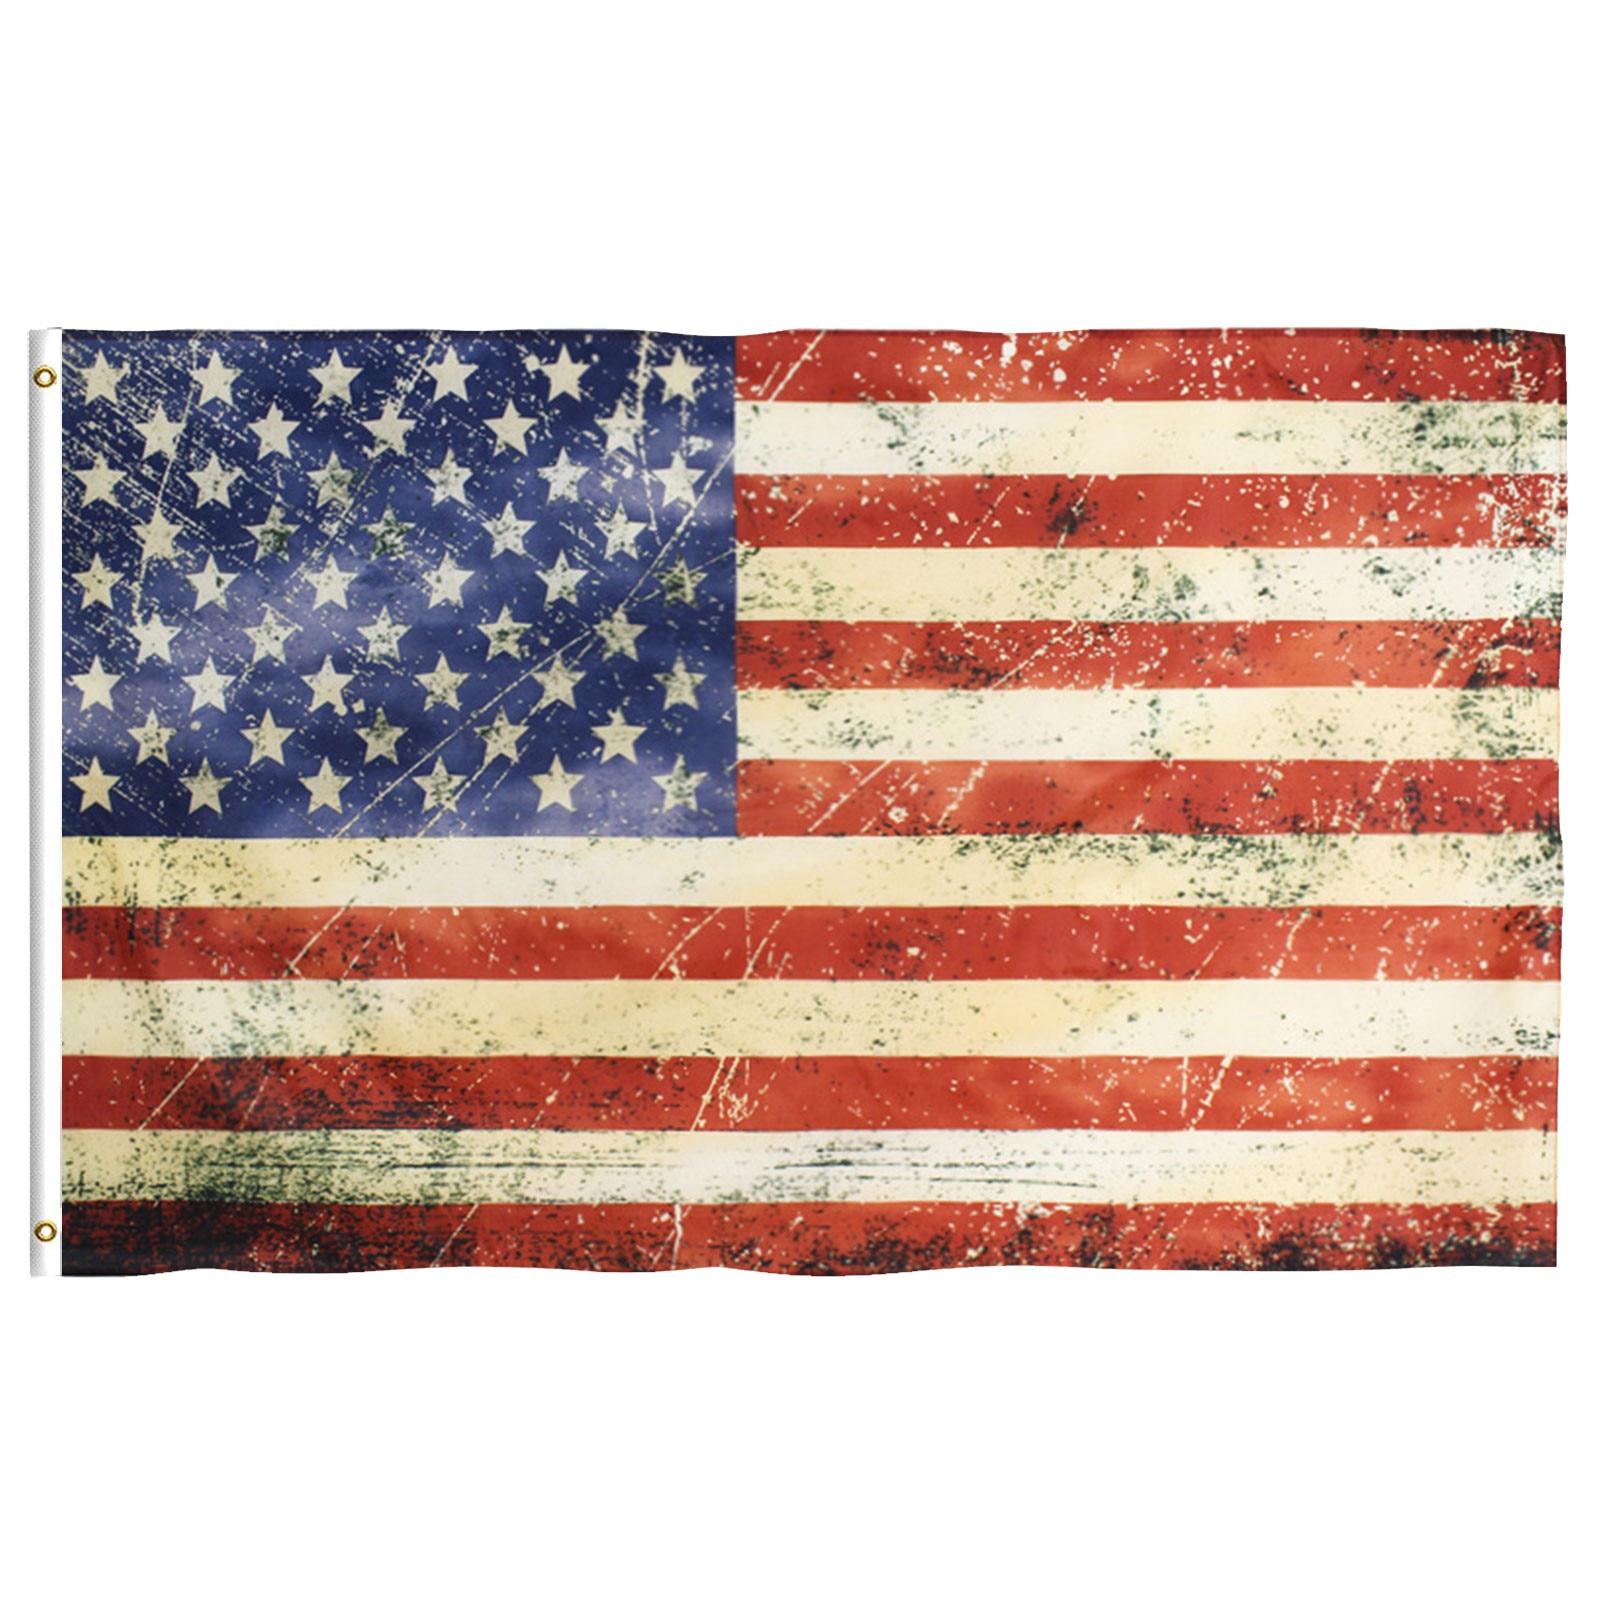 Banderas de jardín americanas Bandera de poliéster, arandelas de latón, decoración de...